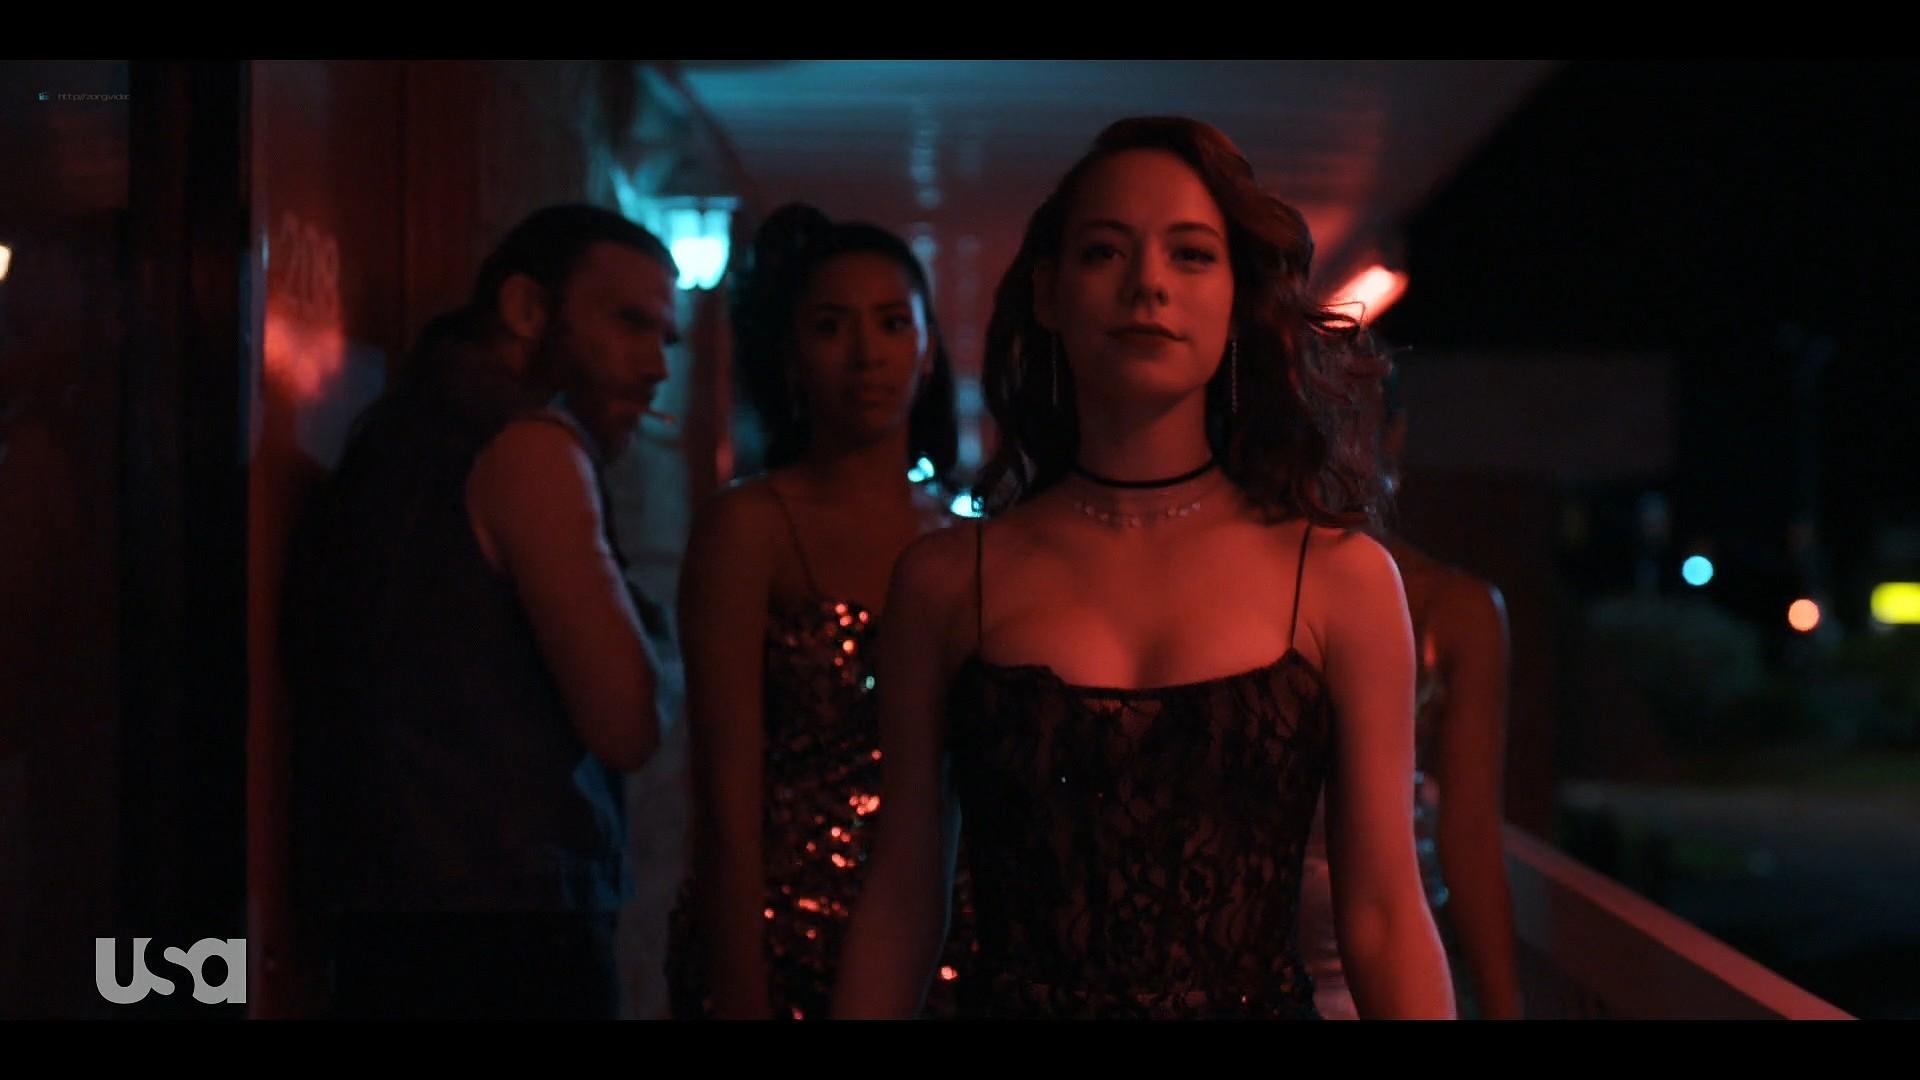 Willa Fitzgerald hot in lingerie Marlo Kelly, Herizen F. Guardiola sexy - Dare Me (2019) s1e4 HD 1080p (9)